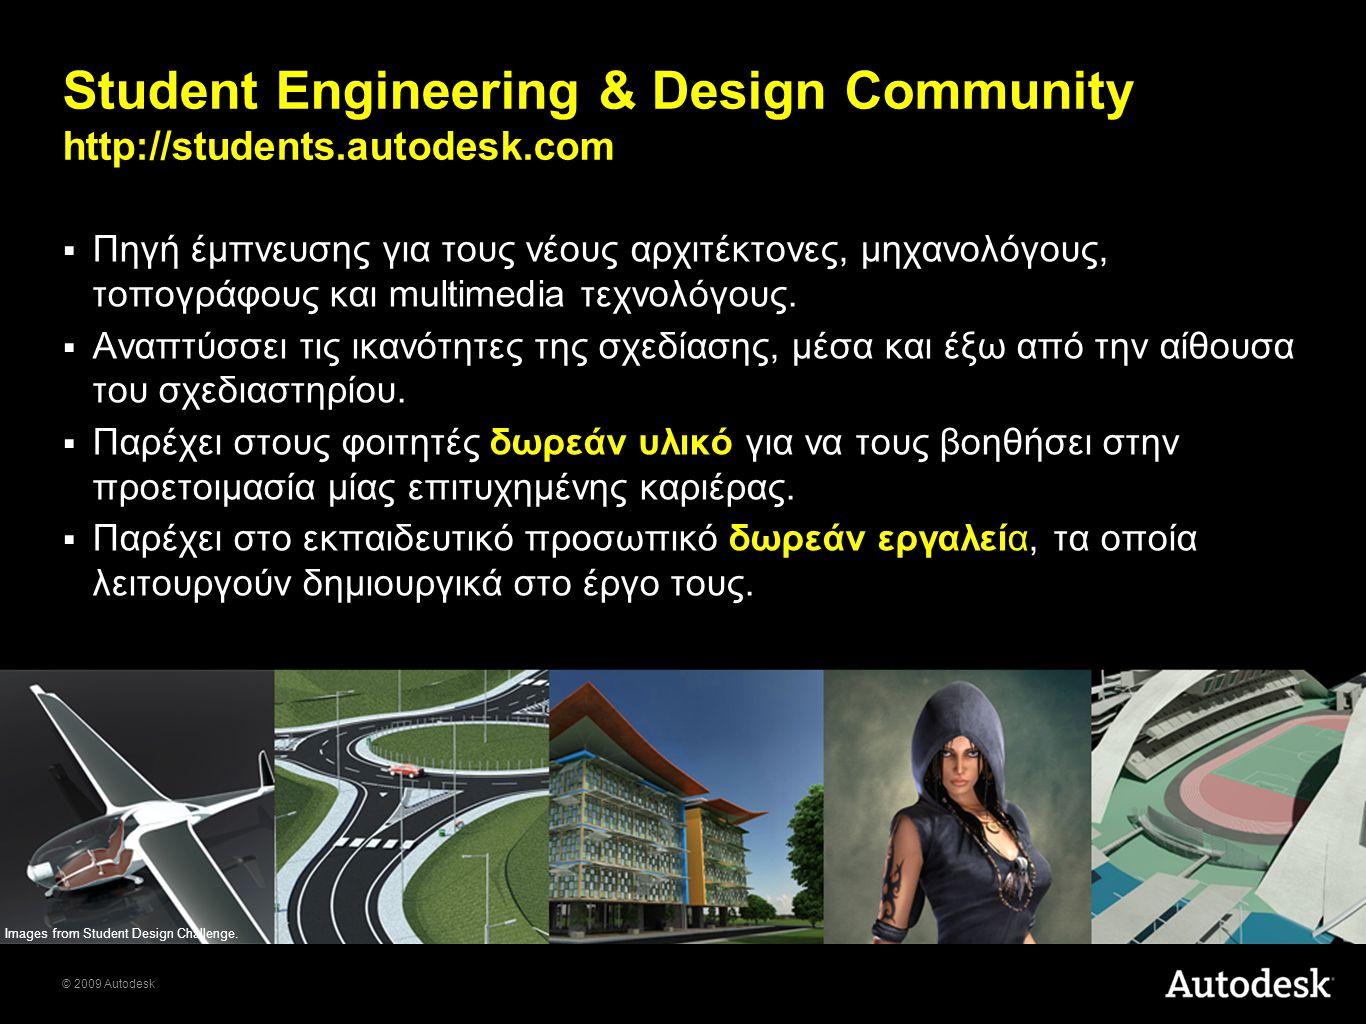 © 2009 Autodesk Επέκταση πέρα από την φοιτητική ιδιότητα Καλύτερα προετοιμασμένοι φοιτητές  Οι φοιτητές μαθαίνουν το λογισμικό με την άνεσή τους και μπορούν να προετοιμάσουν καλύτερα τις εργασίες τους.